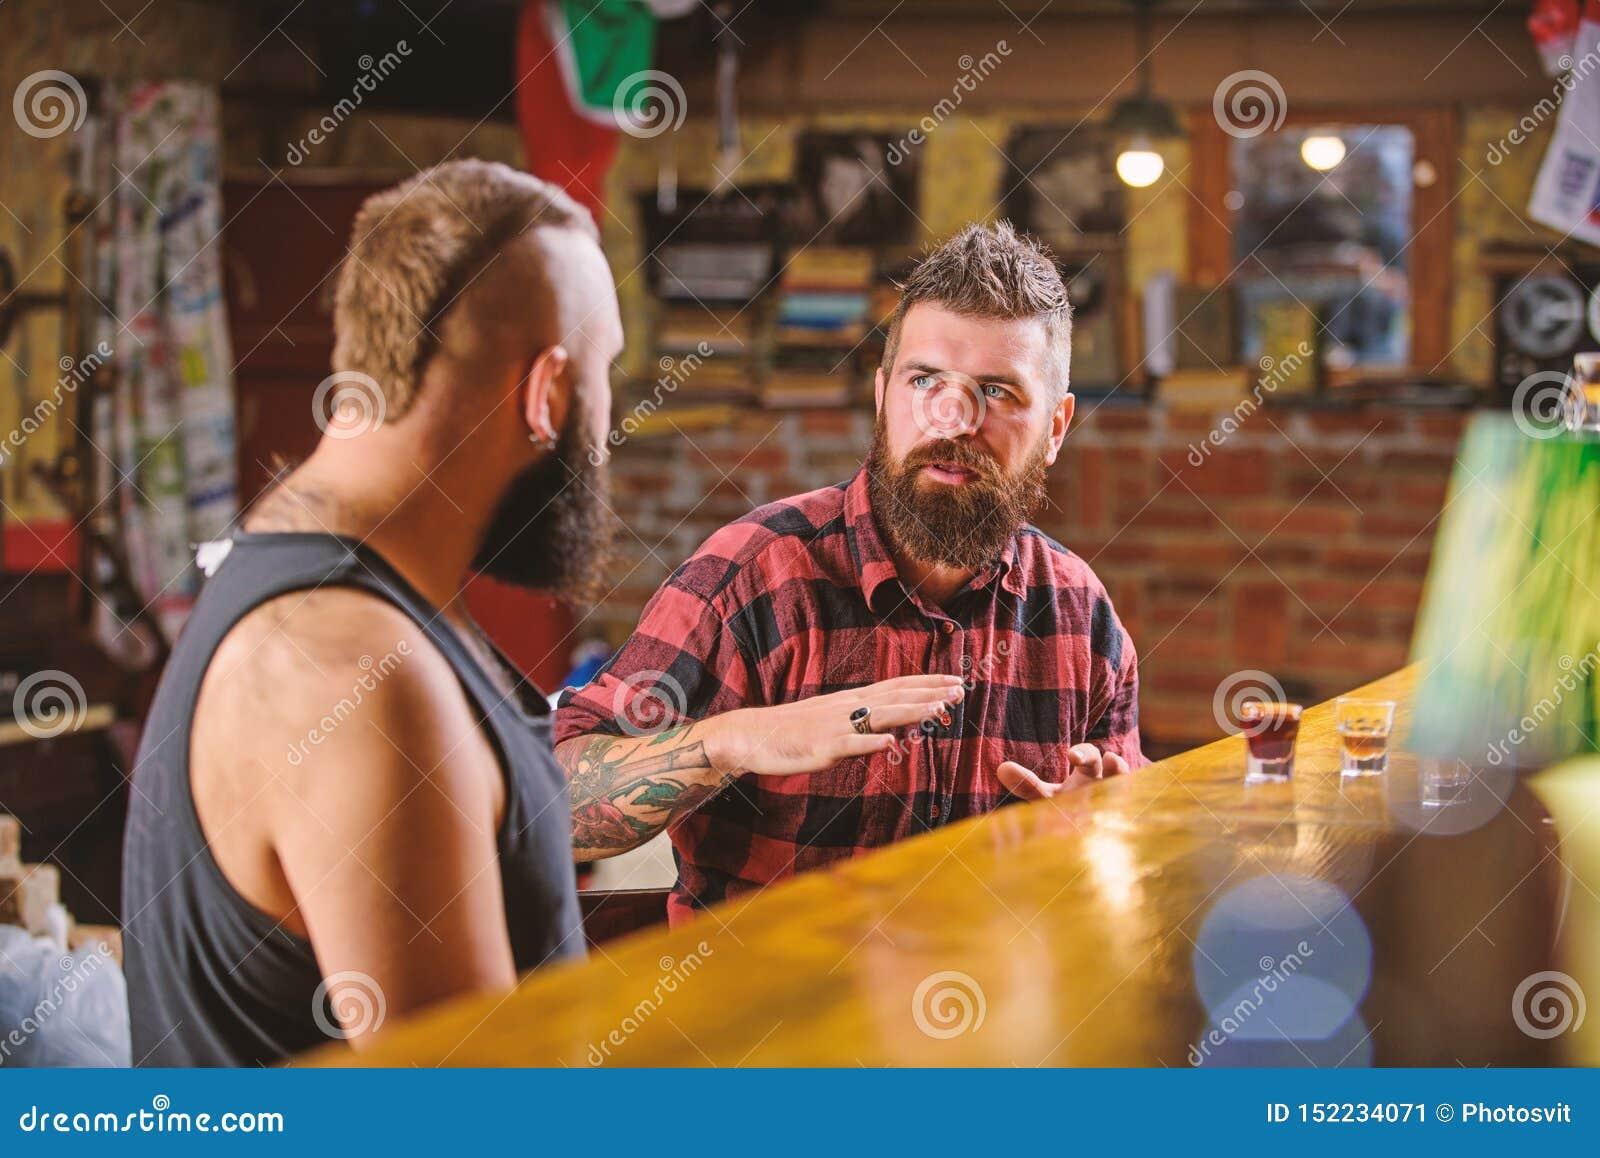 E Разговор Soulmates пьяный Человек хипстера зверский бородатый потратить отдых с другом на